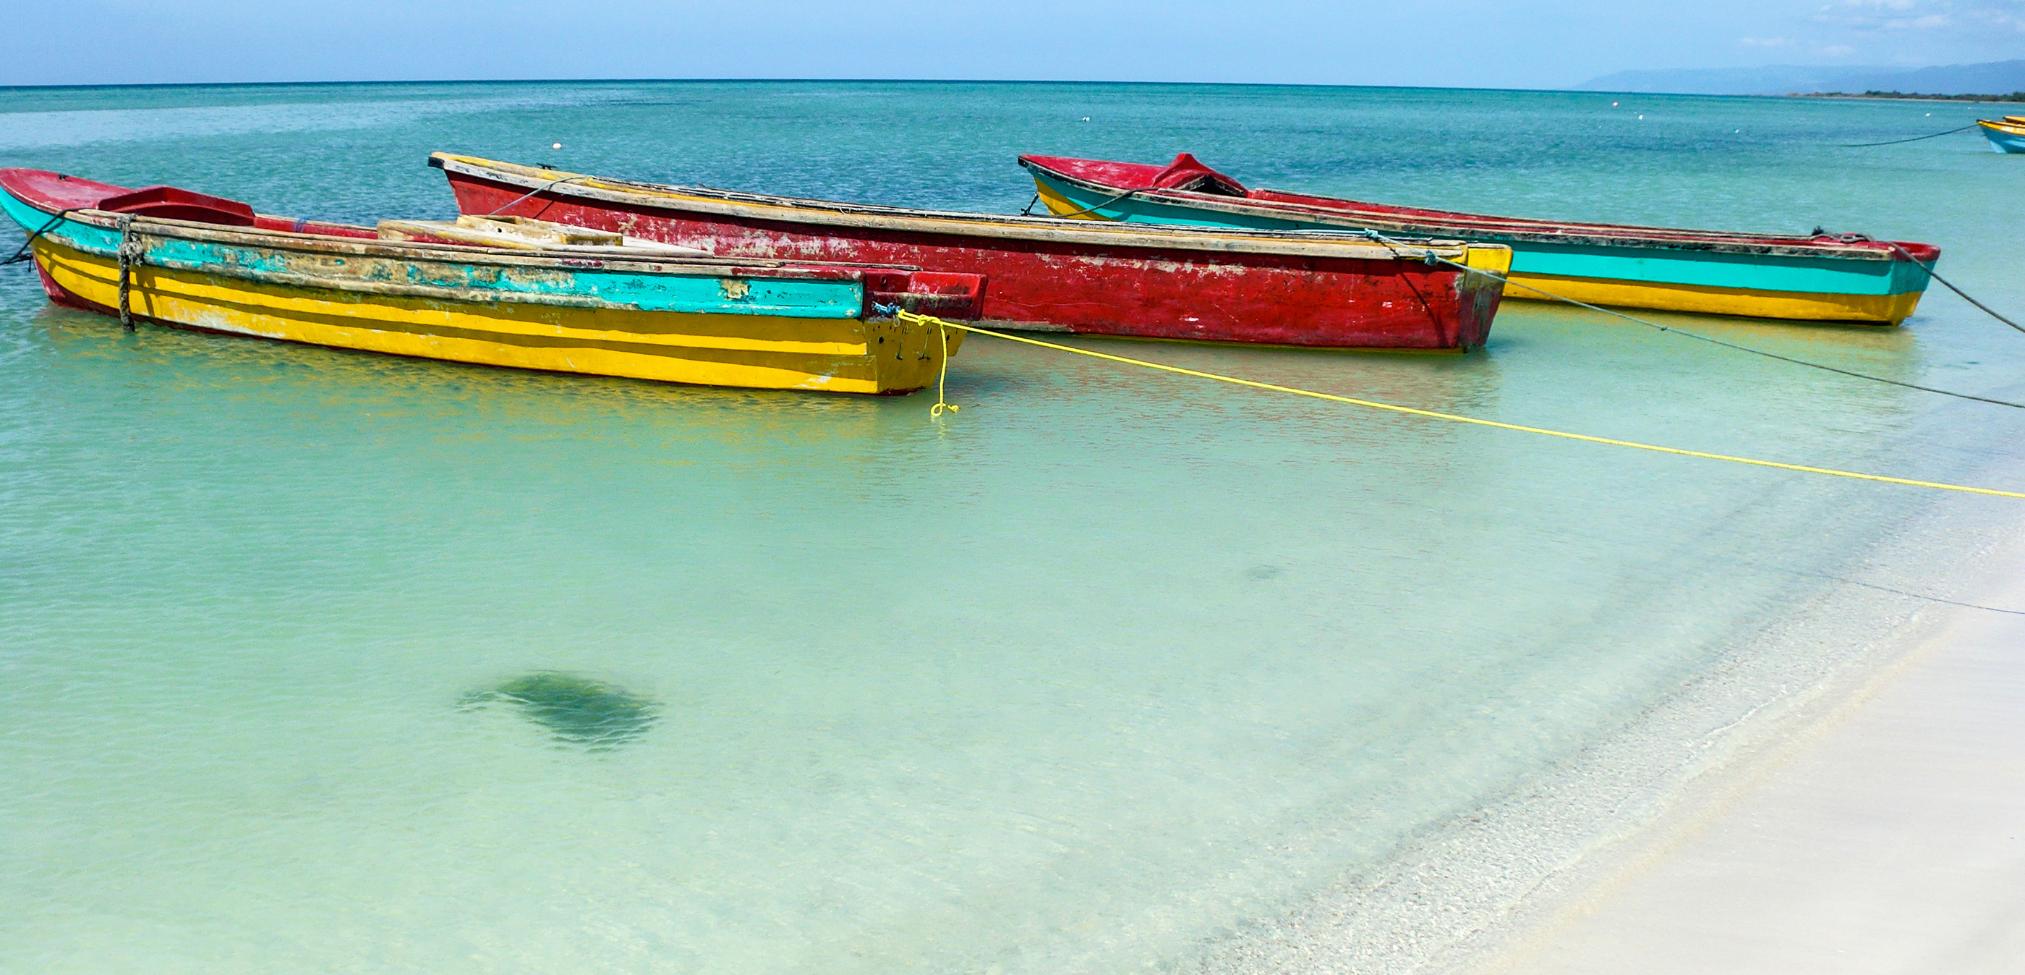 Sehenswürdigkeiten Jamaika: Boote